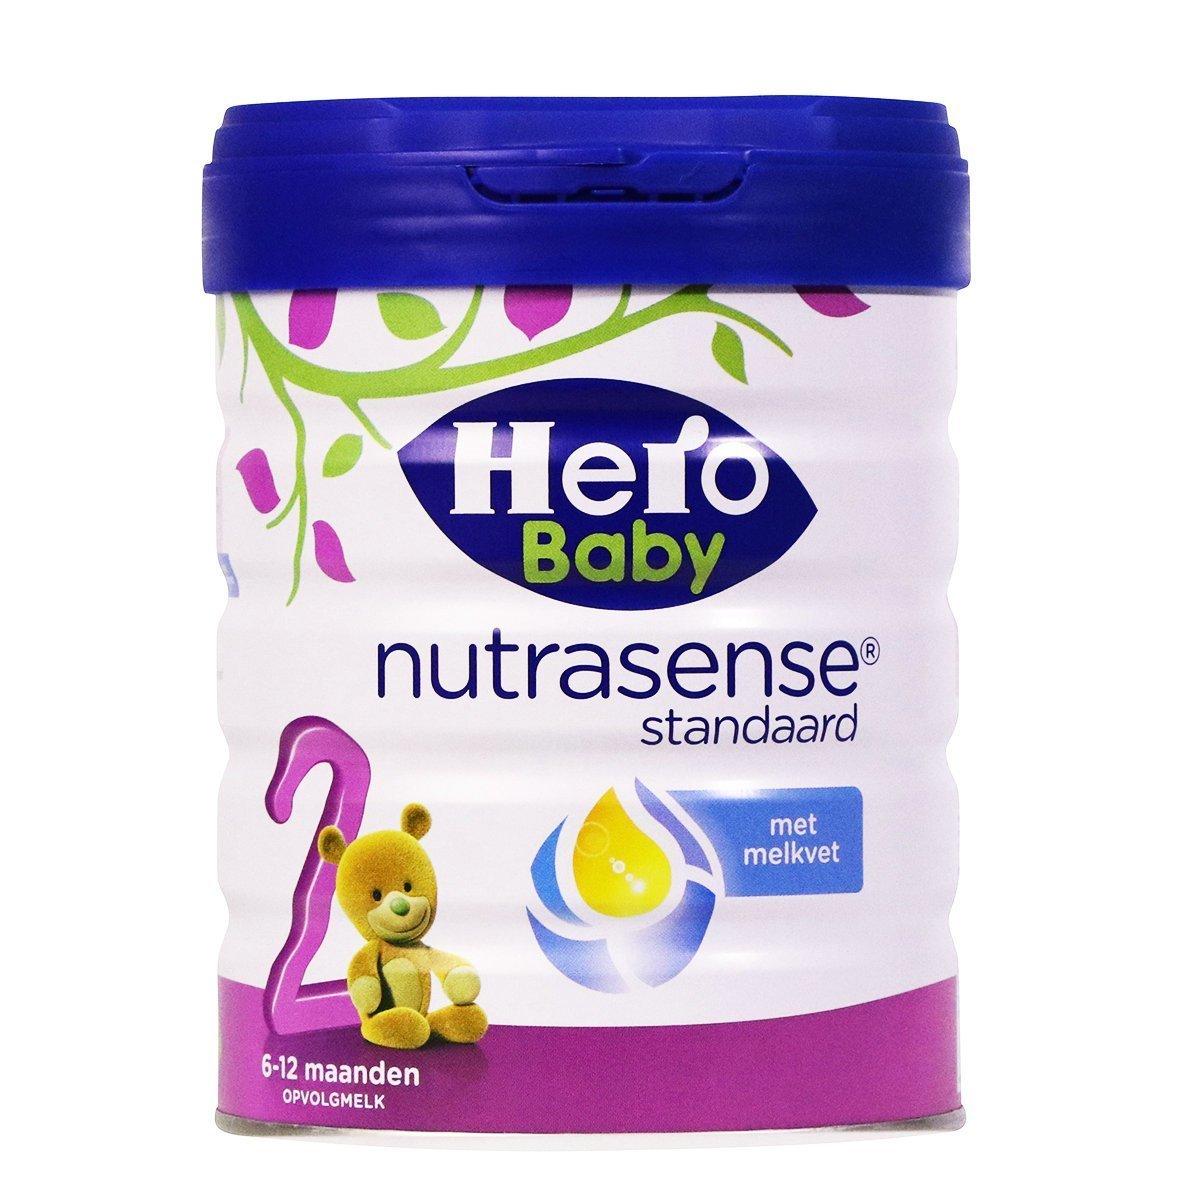 荷蘭美素 Hero Baby 白金版嬰兒奶粉2段罐裝 (6個月以上)800g [平行進口]